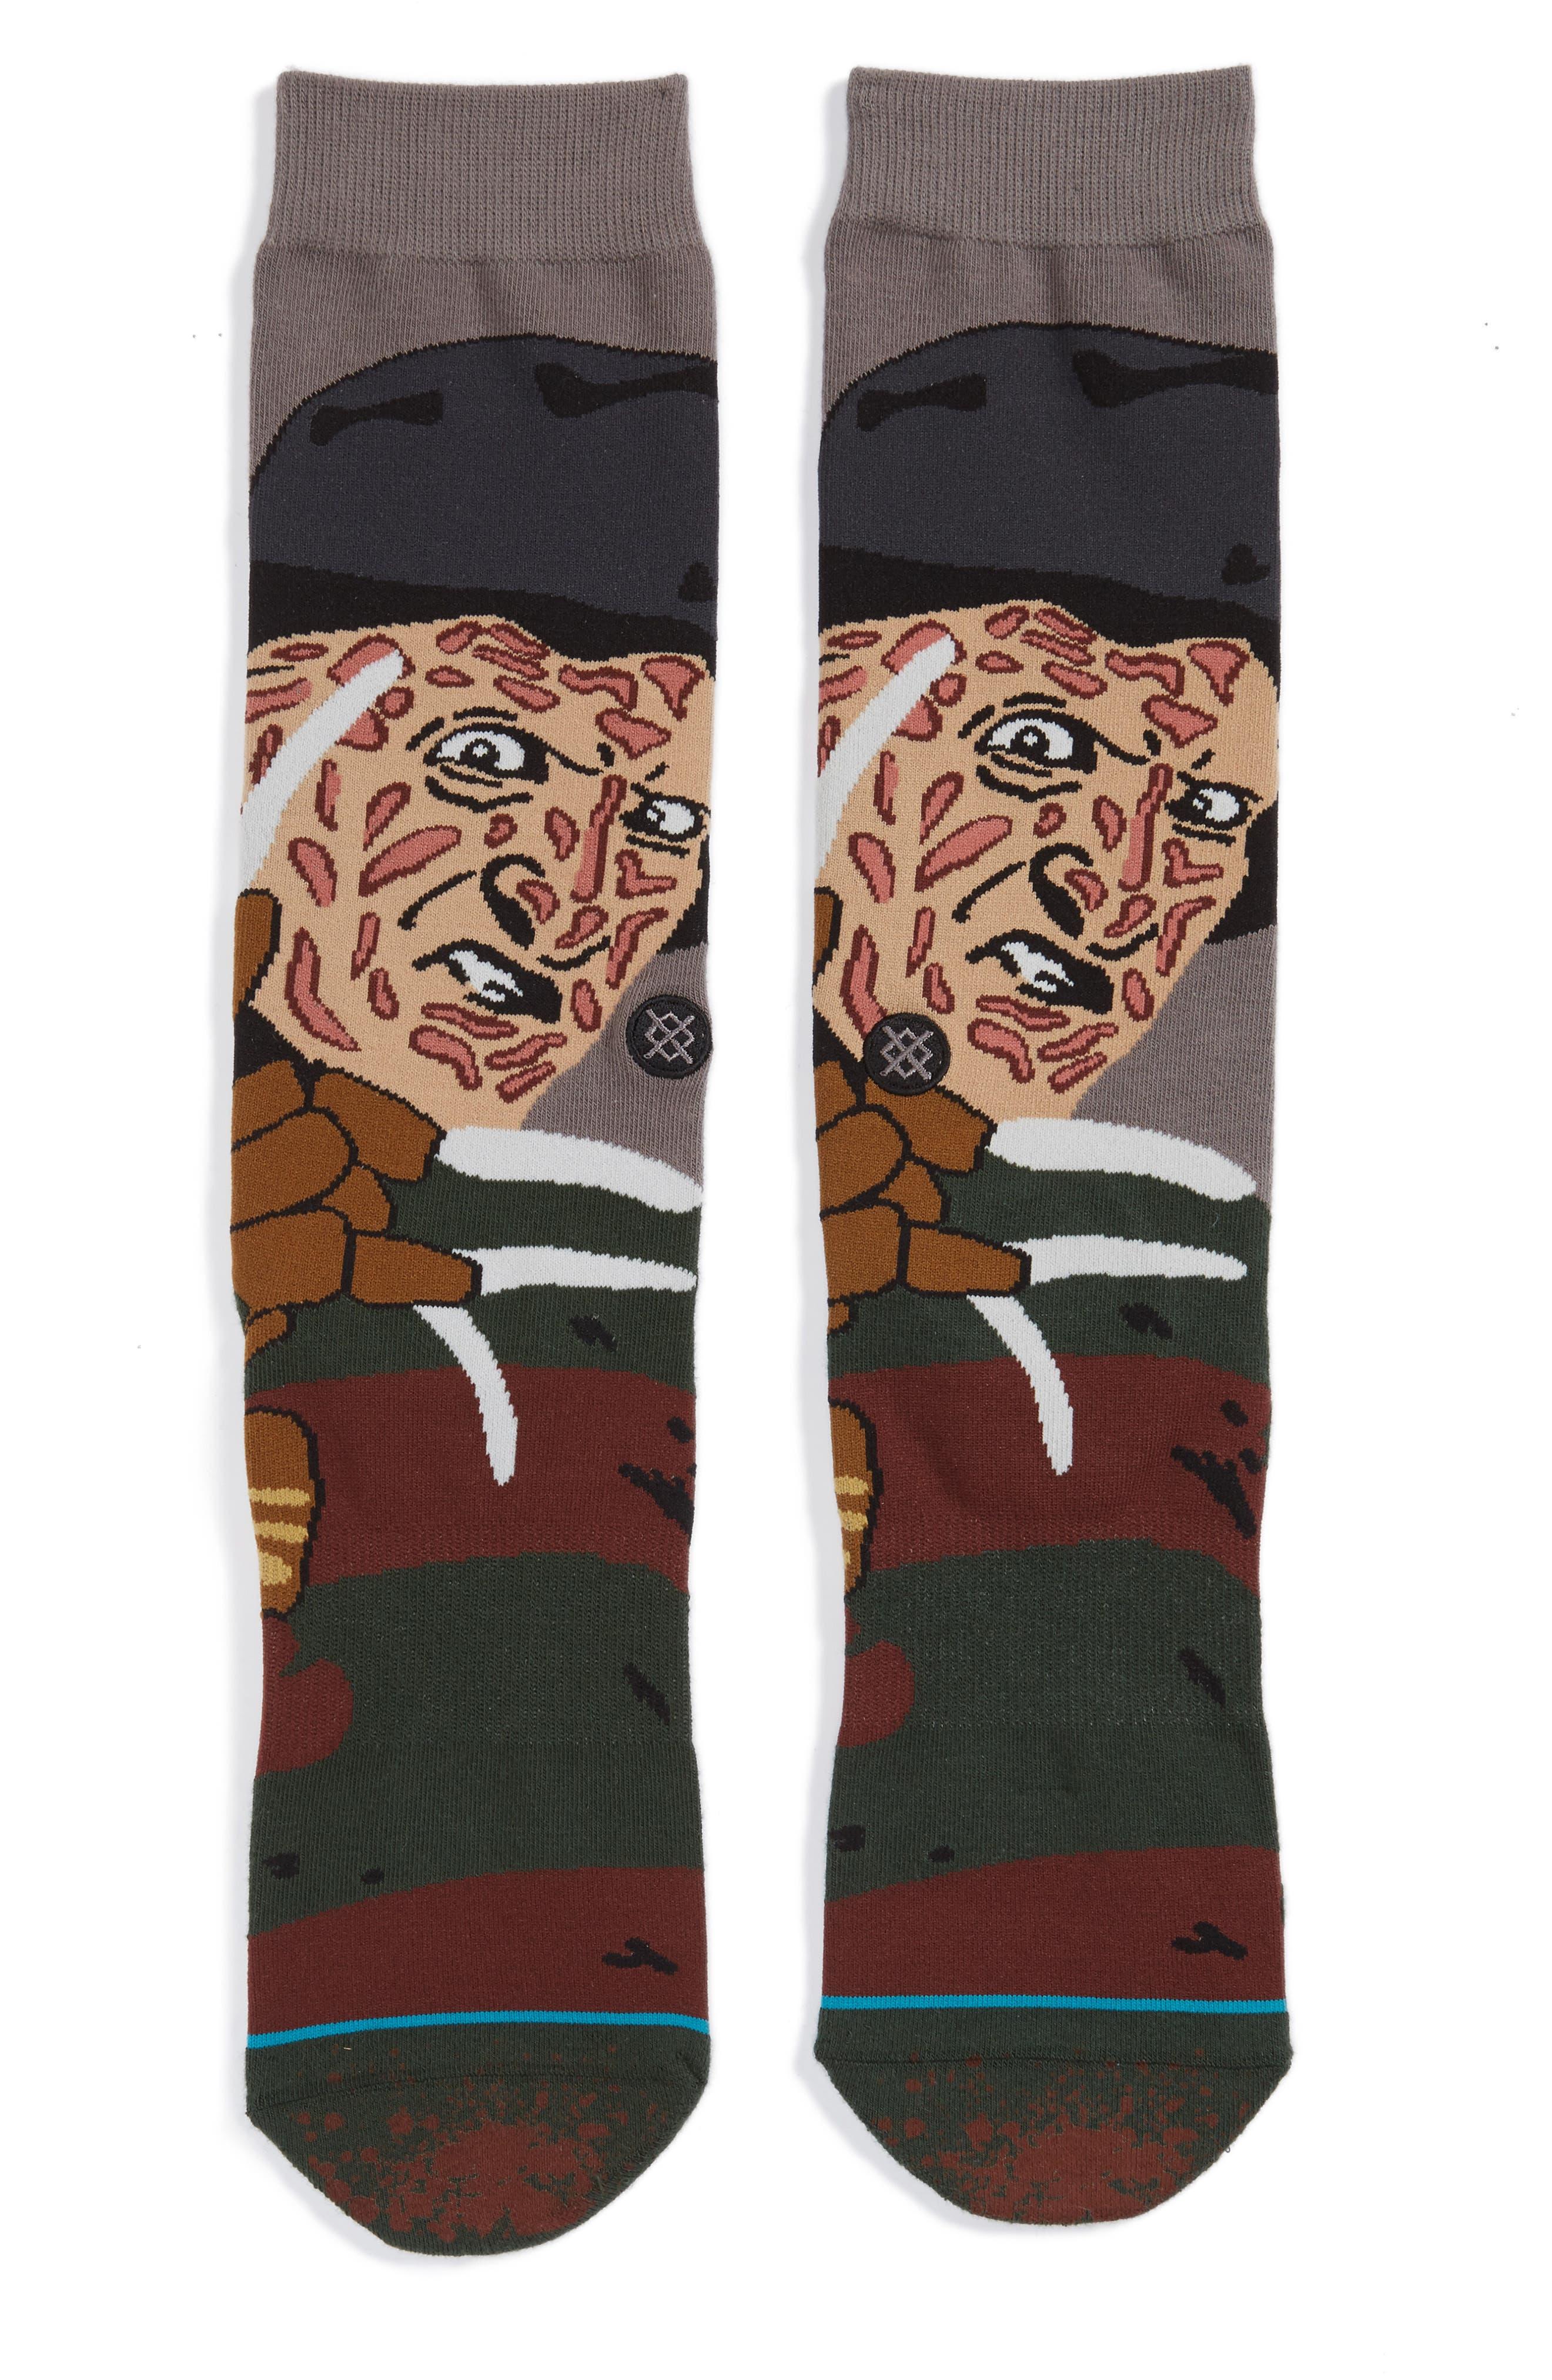 Freddy Krueger - Legends of Horror Socks,                             Main thumbnail 1, color,